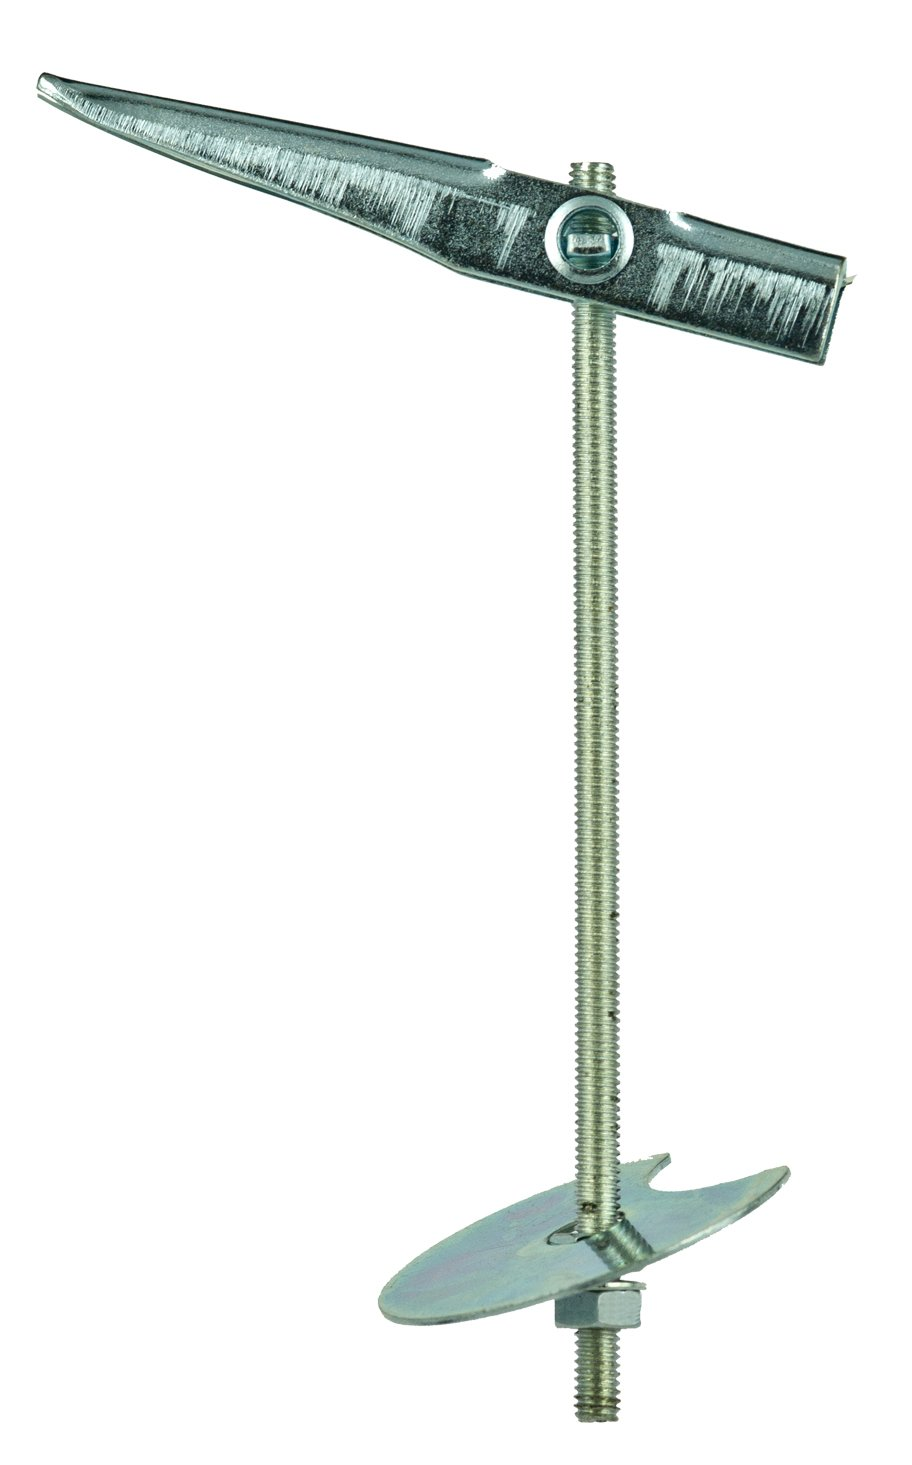 AAPLUS 10 x M5 90 mm Tacos Basculantes con Gancho de Techo para Placa de Yeso Ala Primavera Toggle para Fijaci/ón de Elementos Ligeros en Falsos Techos